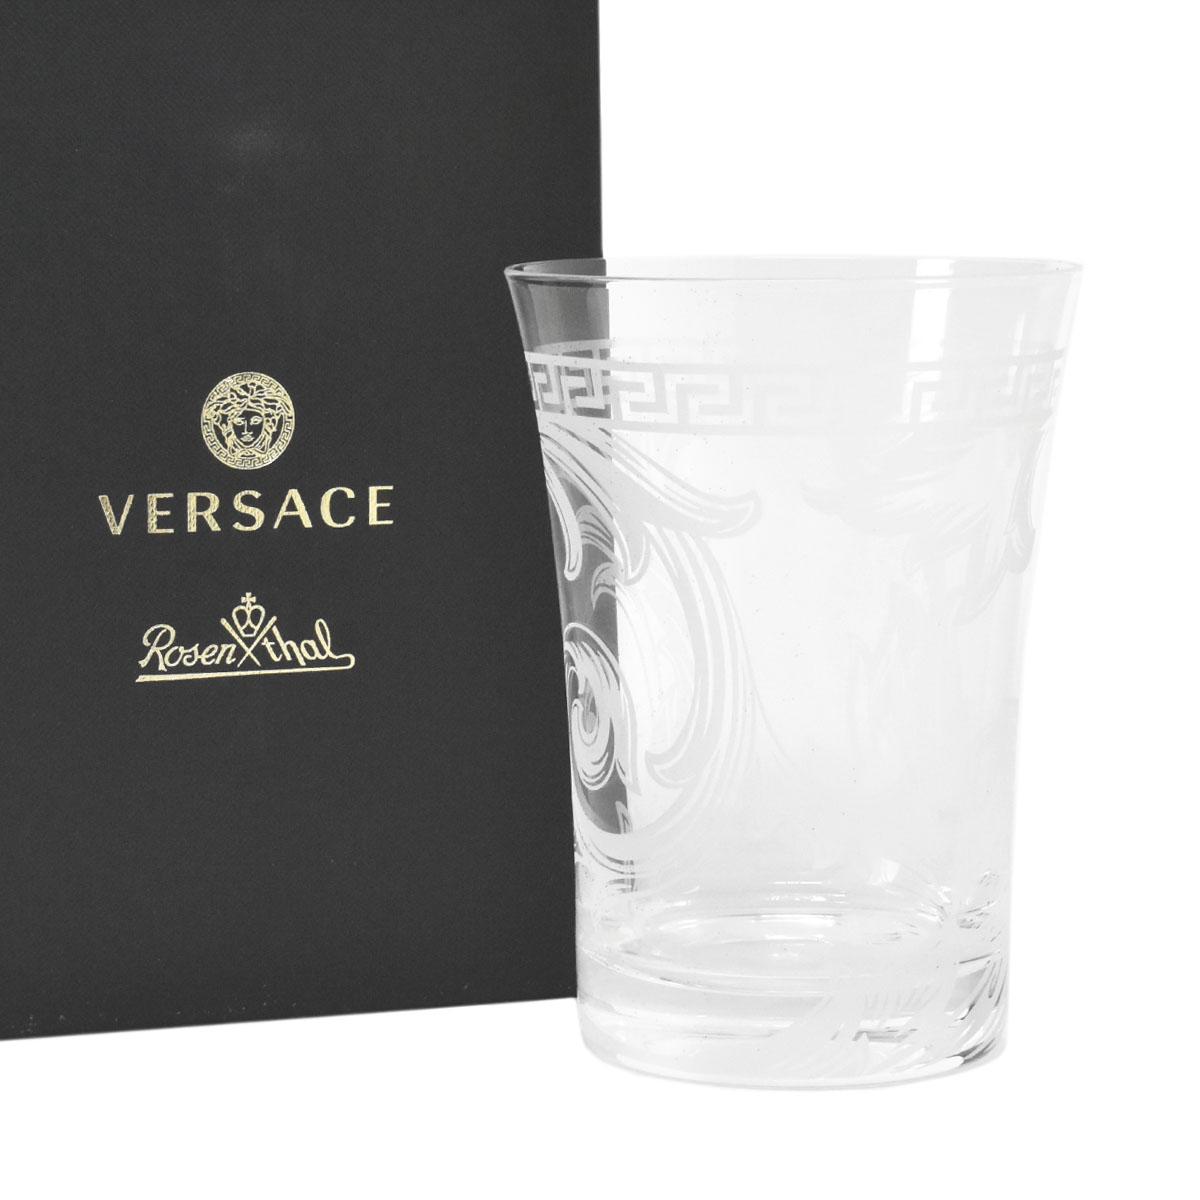 高品質新品 送料無料 驚きの値段で あす楽対応 ヴェルサーチ VERSACE AR ABESQUE CRYSTAL グラス 40698 ブランド箱入り ギフト 320319 69955 LARGE LONGDRINK